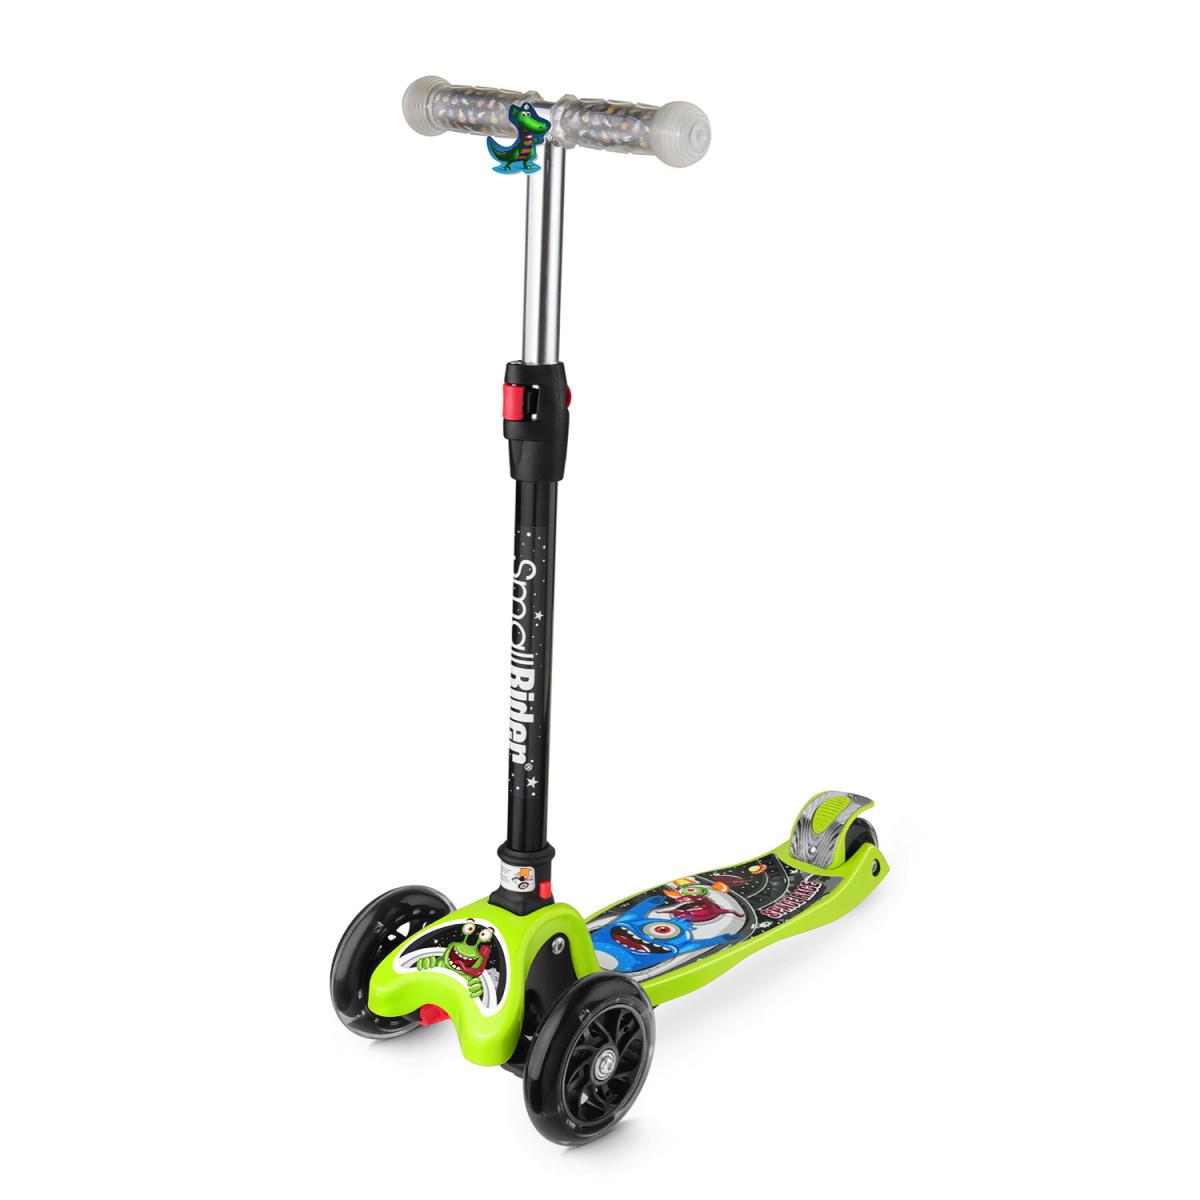 Самокат Small Rider Space Race, 3-колесный, складной, со светящимися колесами, цвет: зеленый самокат small rider space race maxi coral